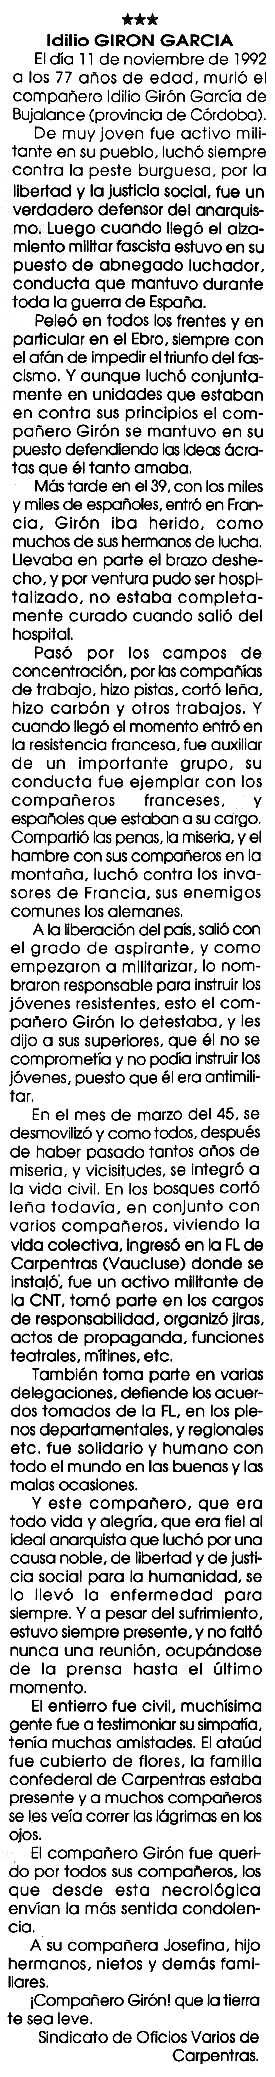 """Necrològica d'Idilio Girón García apareguda en el periòdic tolosà """"Cenit"""" del 16 de febrer de 1993"""